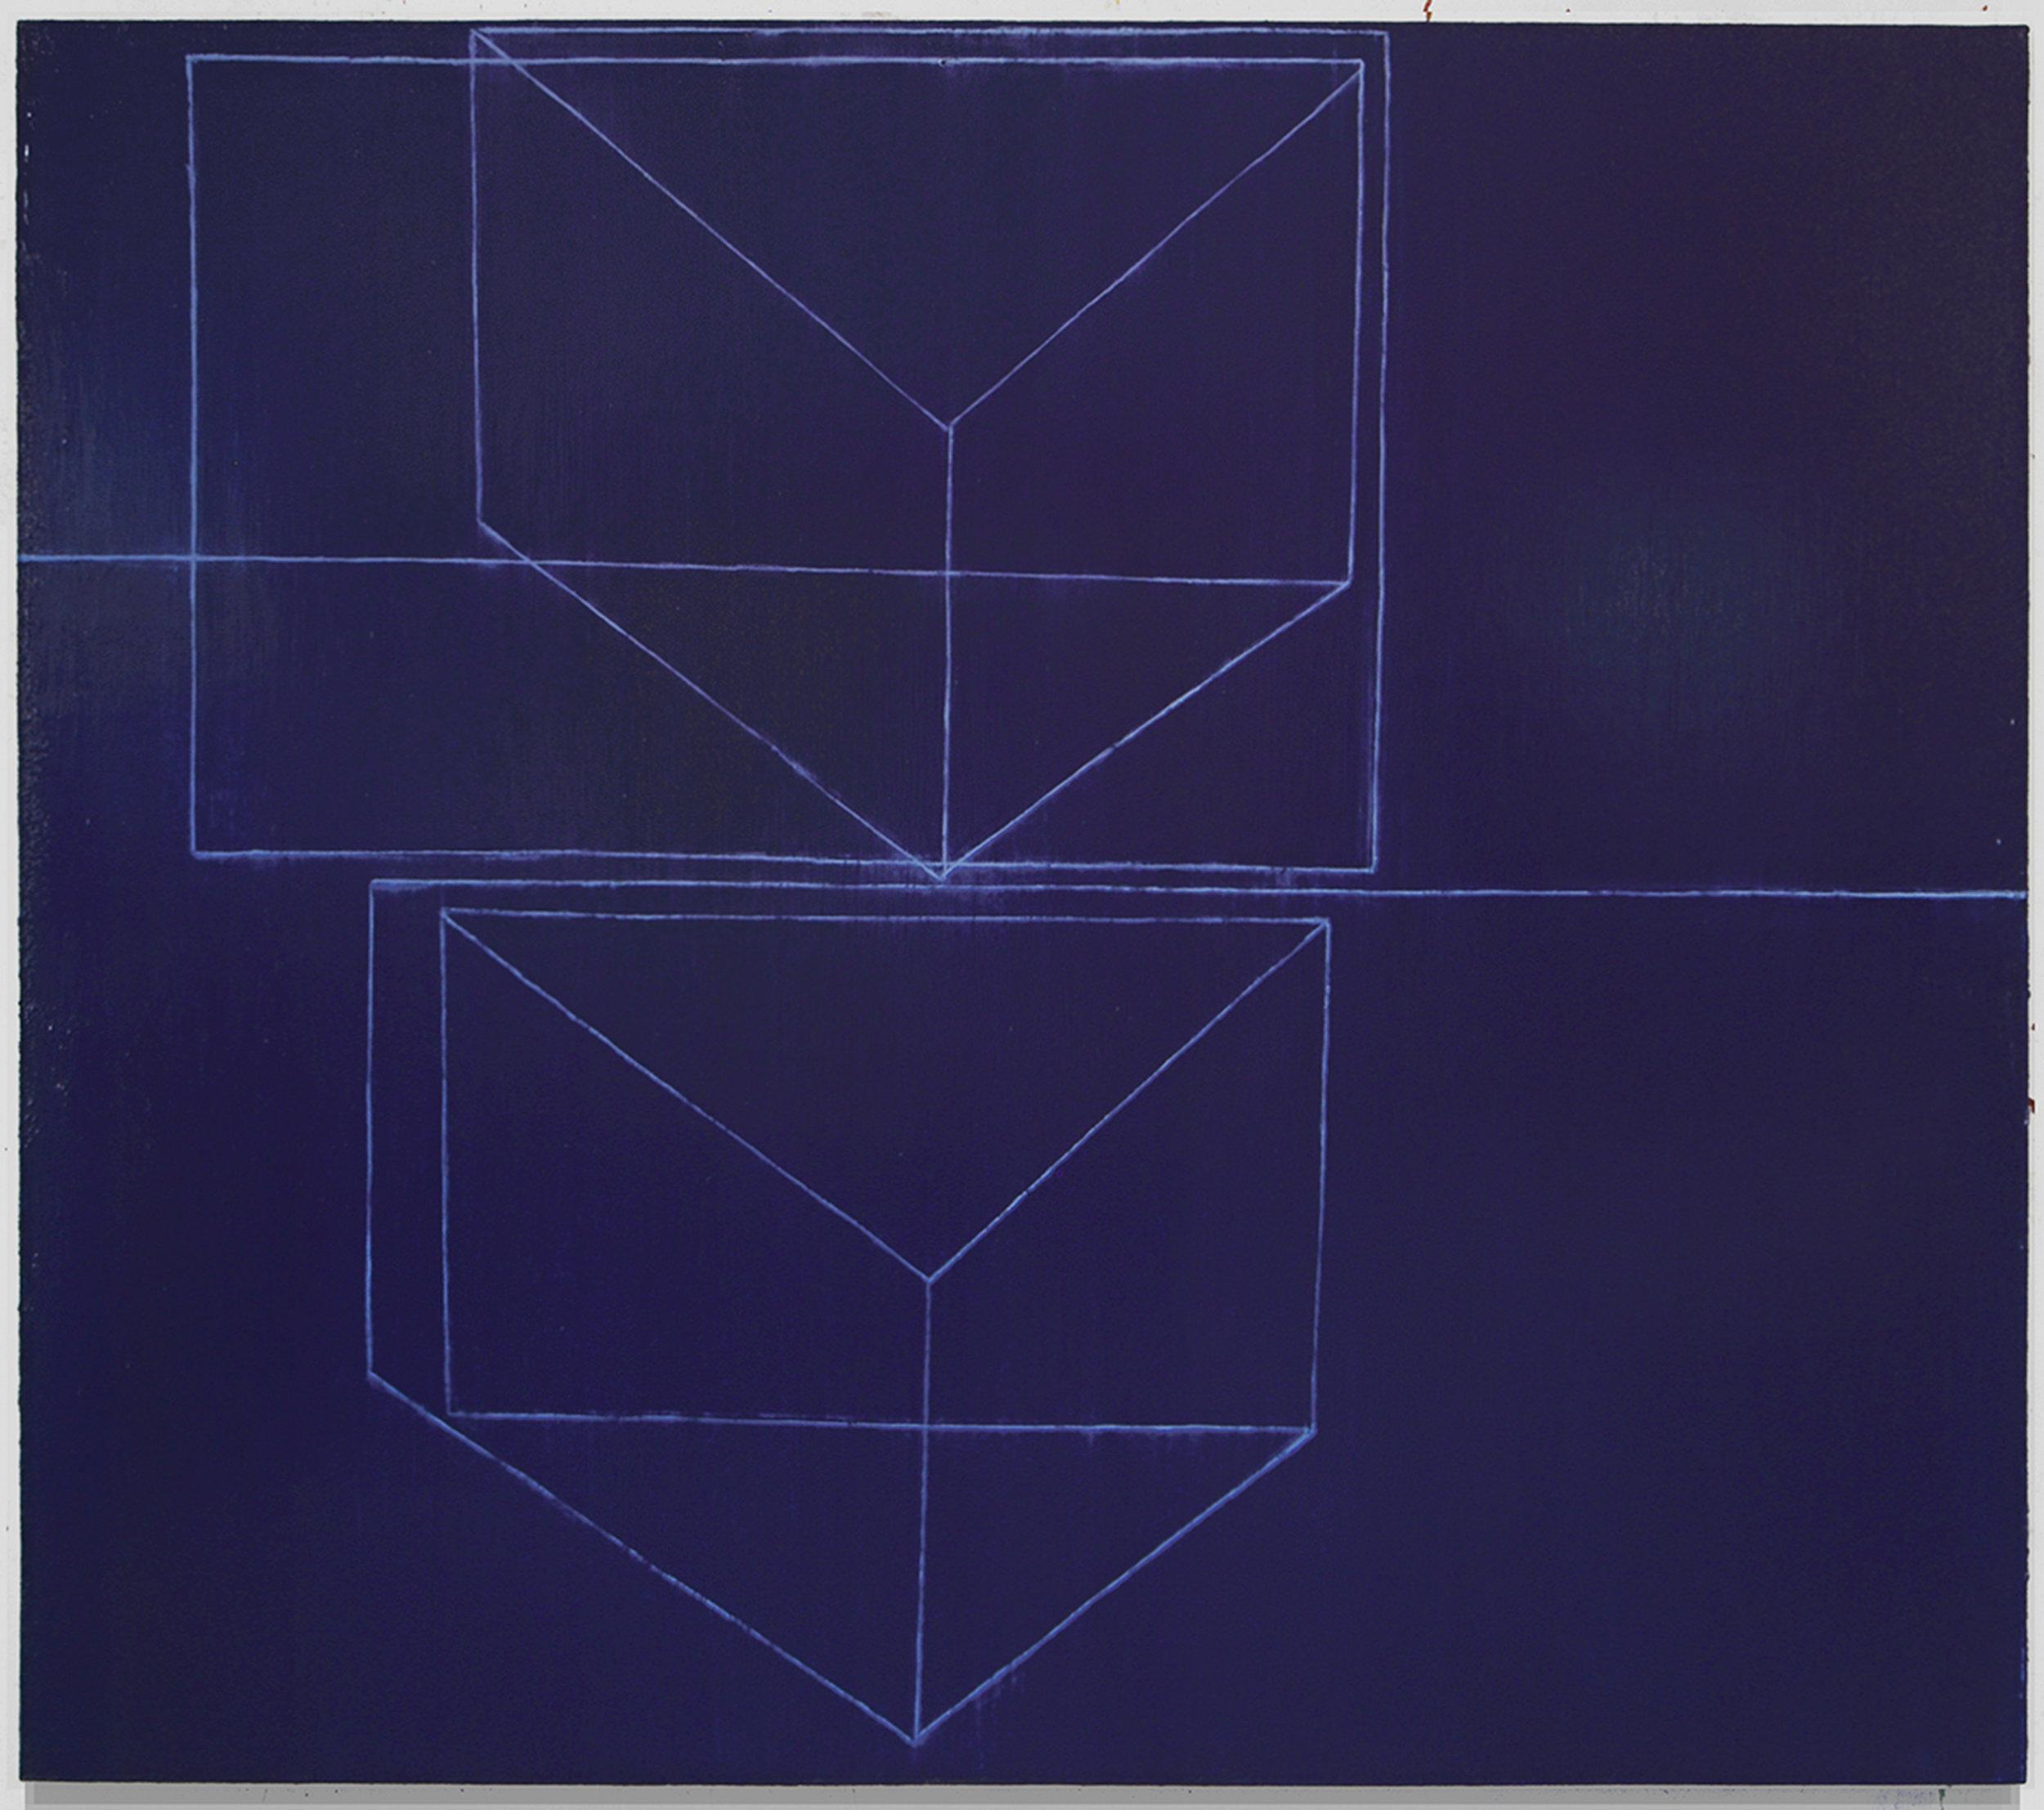 Das Inner Dasein   ,  2008-09 (Oil on linen, 65 x 74 in / 165 x 188 cm)